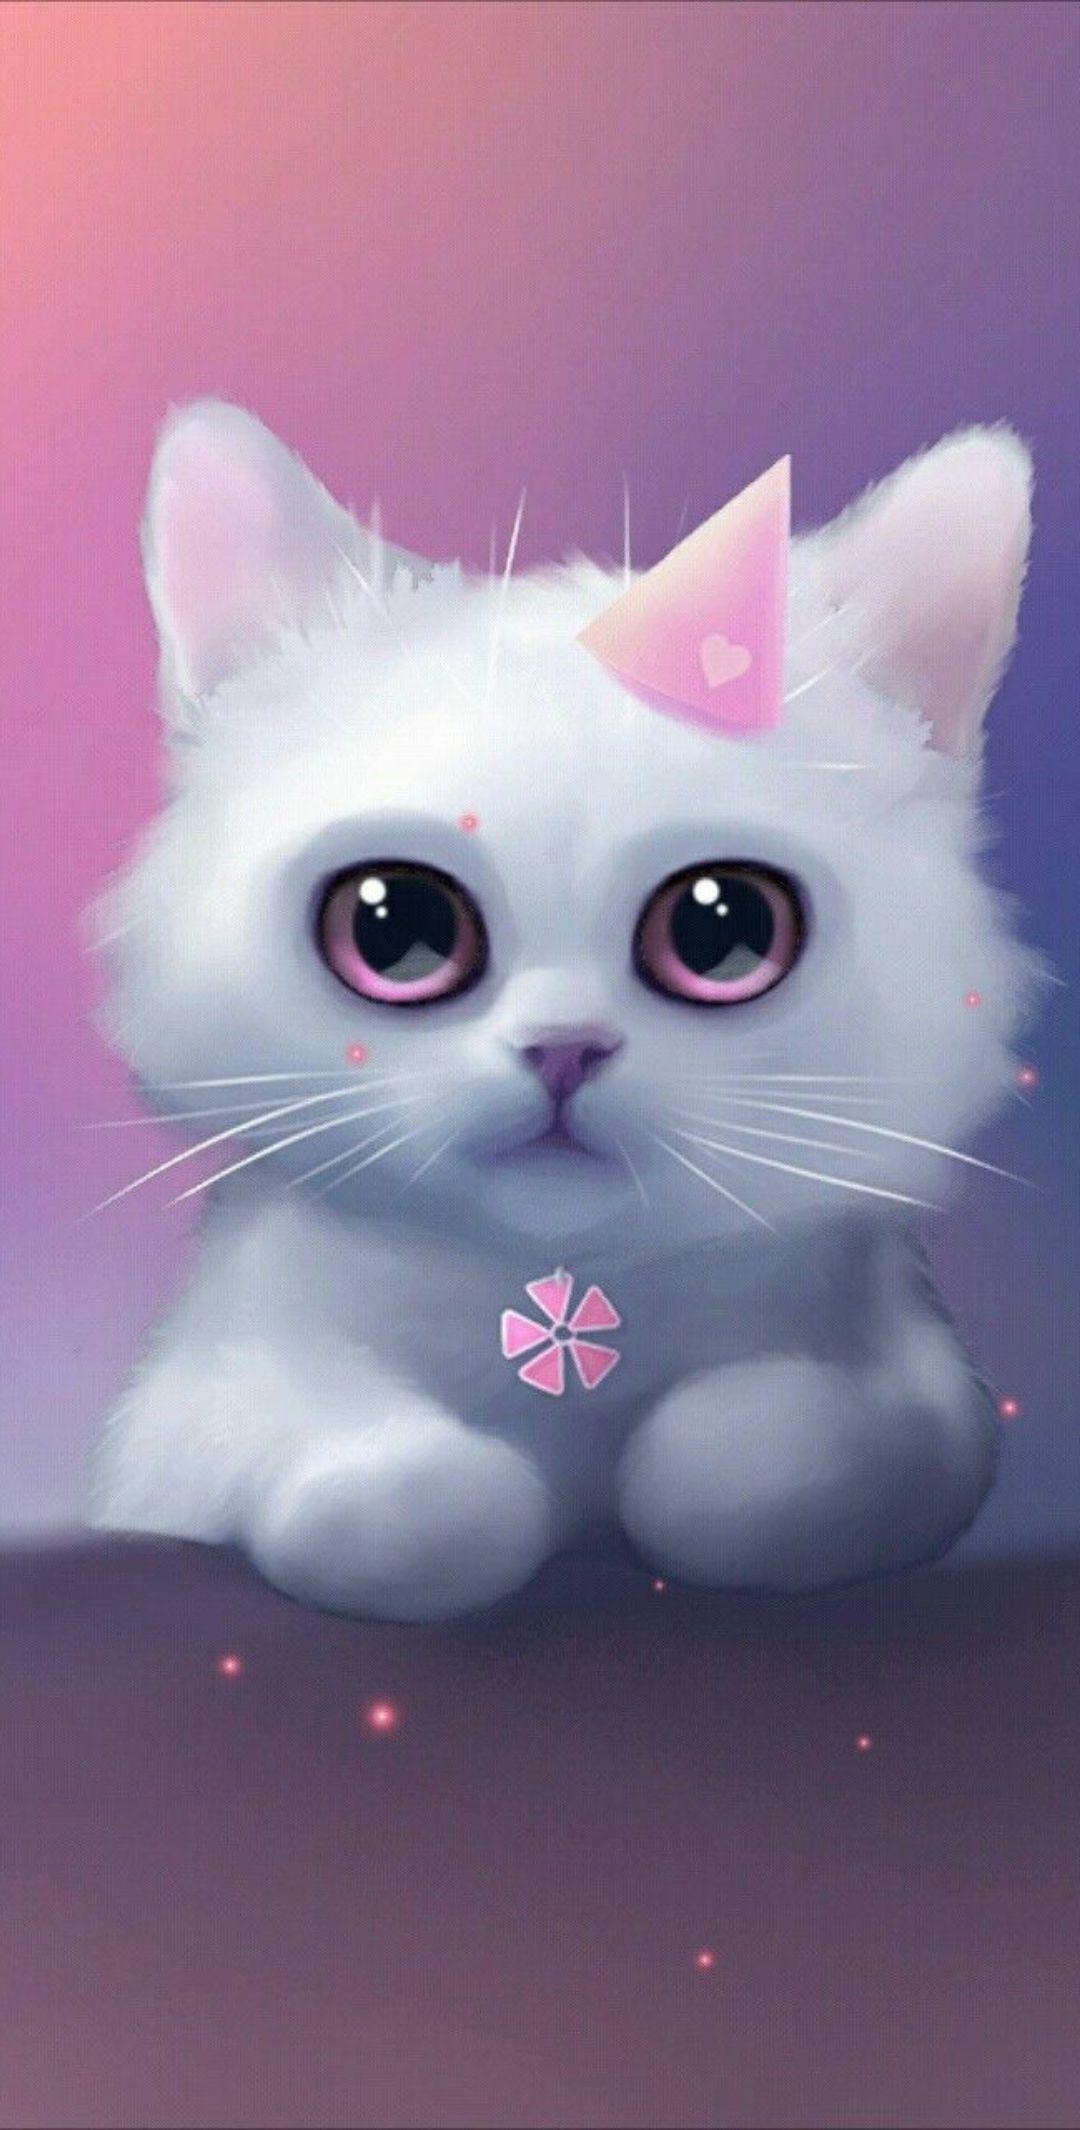 Wallpaper Iphone Android Art Cute Drawings Cute Cat Wallpaper Cute Animals